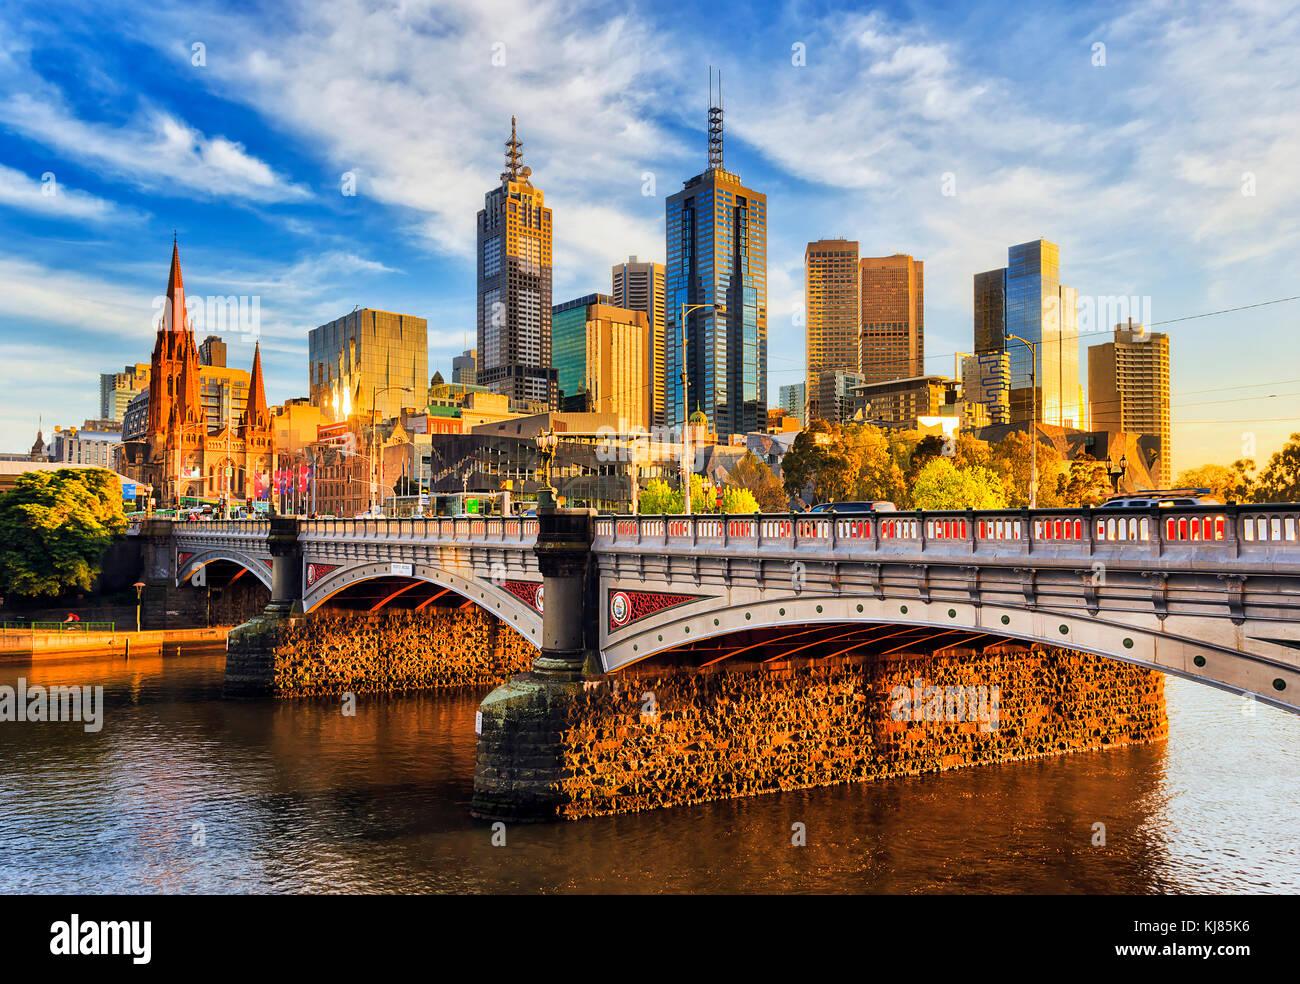 Warmen Morgenlicht auf hoch aufragenden Türmen in Melbourne CBD über Fürsten Brücke über Stockbild